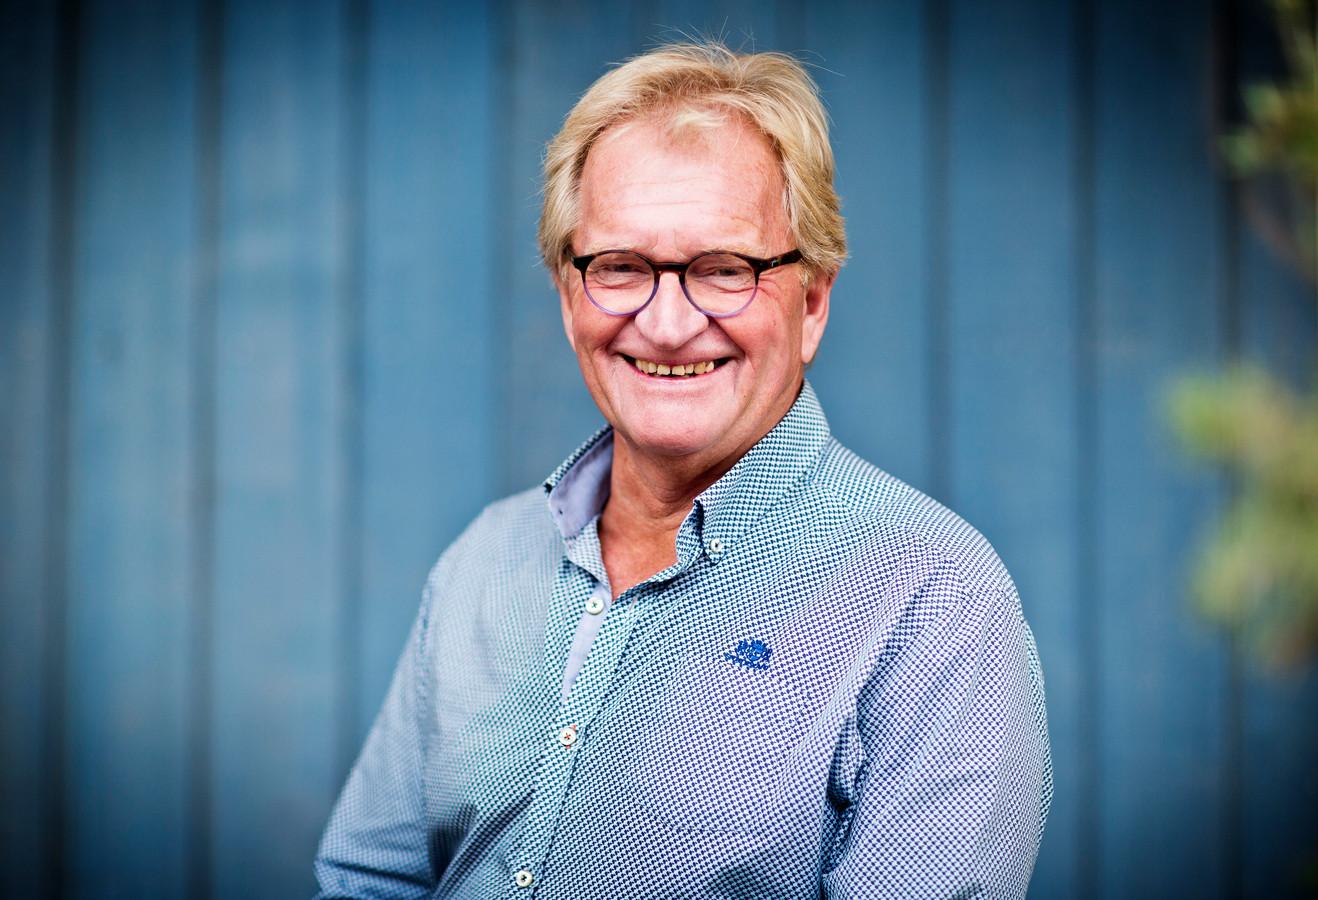 Hans de Boer, van 2014 tot september 2020 voorzitter van VNO-NCW, overleed op 18 januari aan de gevolgen van een hersenbloeding.